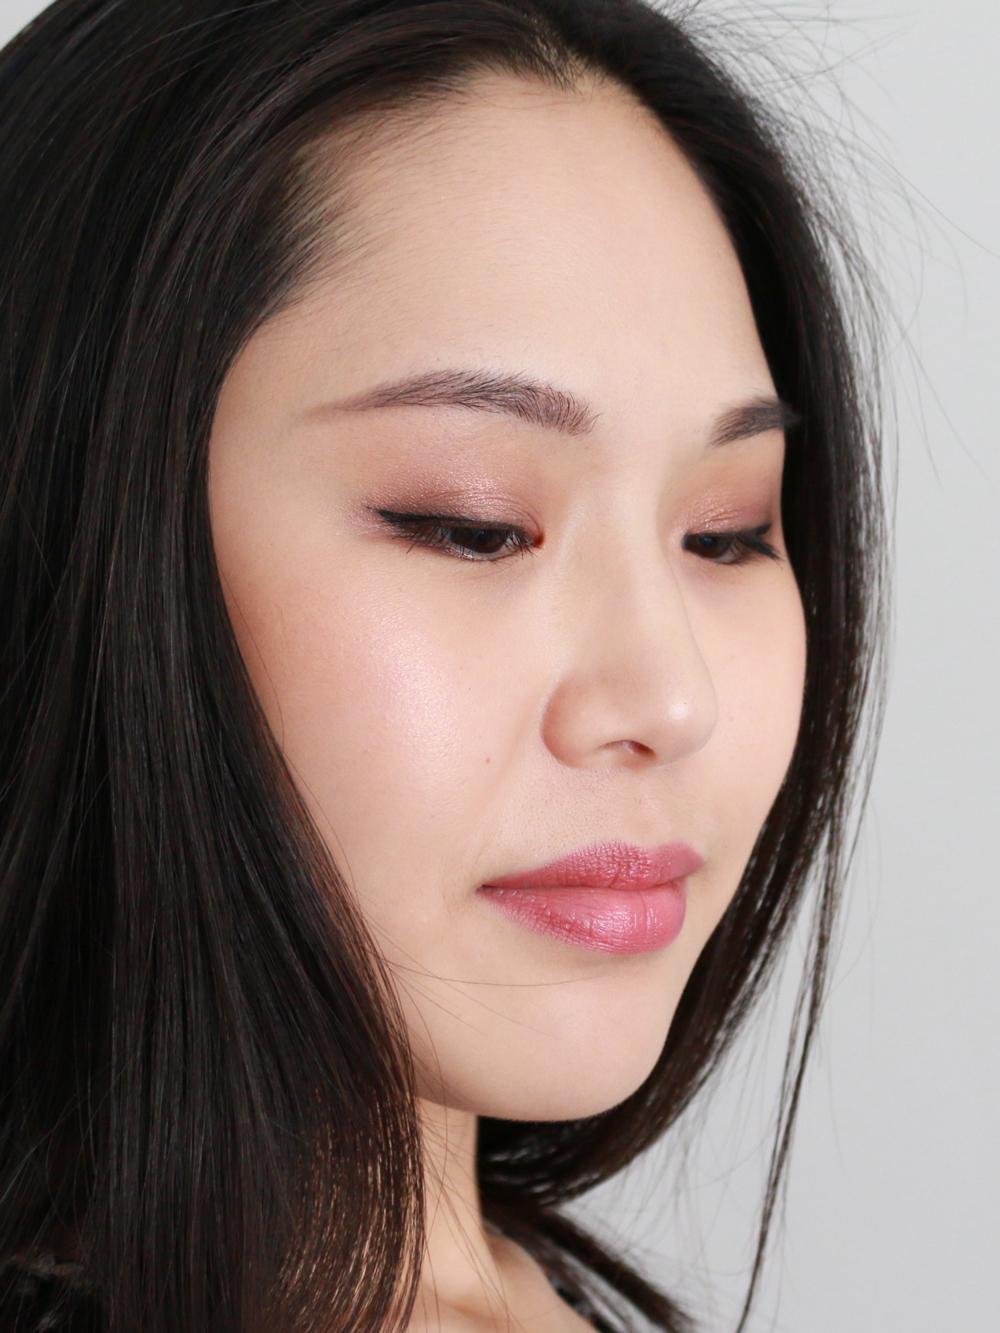 fotd-pink-makeup2